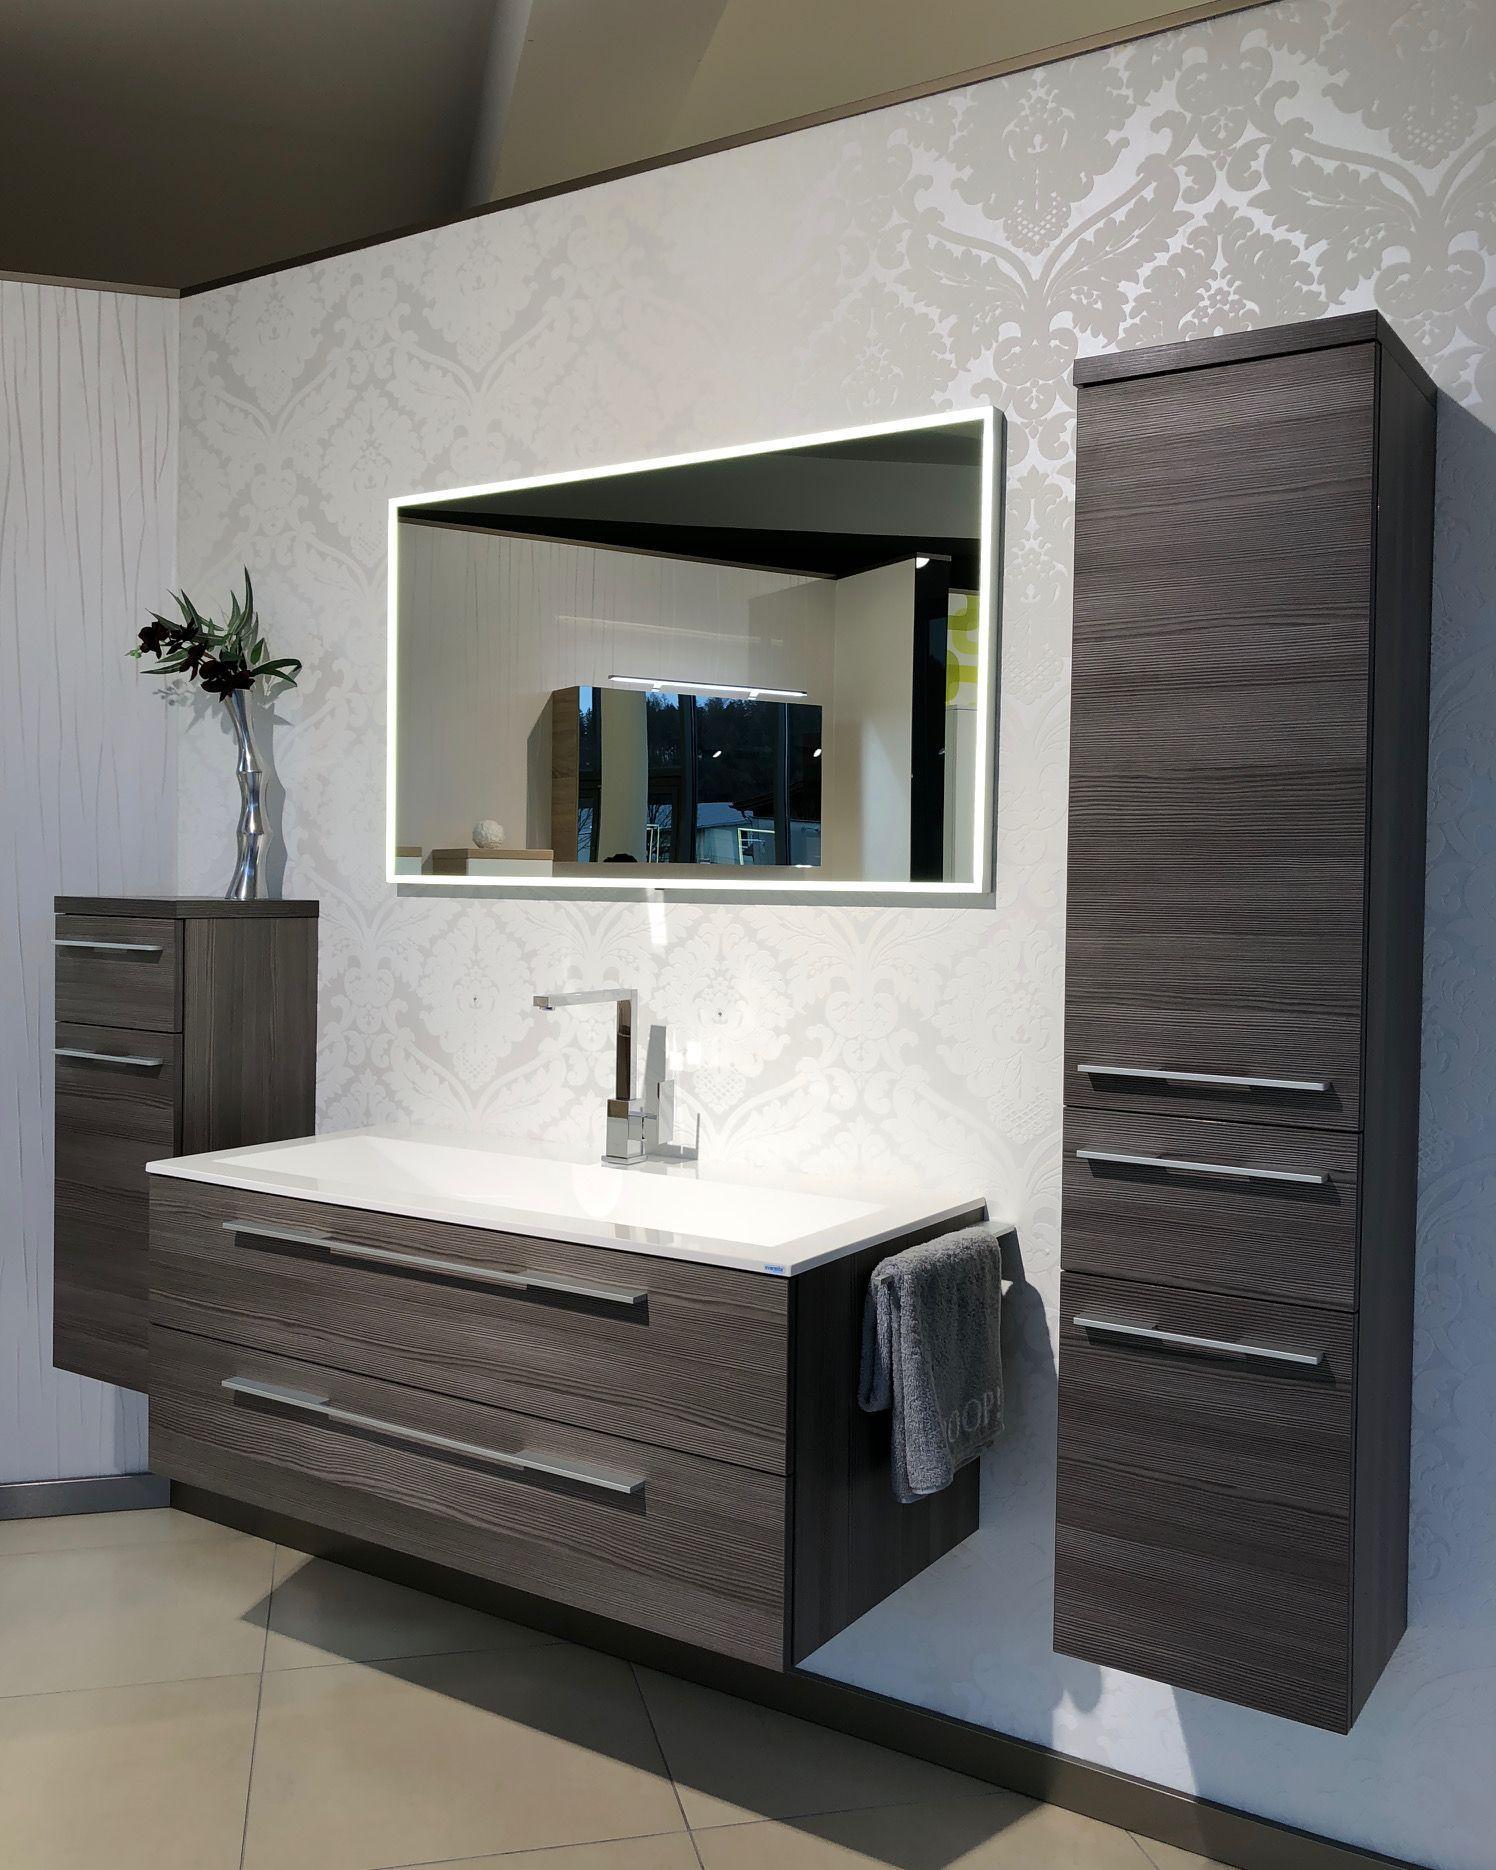 Badmobel Set Funktionalitat Design Und Asthetik 2020 Bathroom Furniture Sets Bathroom Design Indoor Fireplace